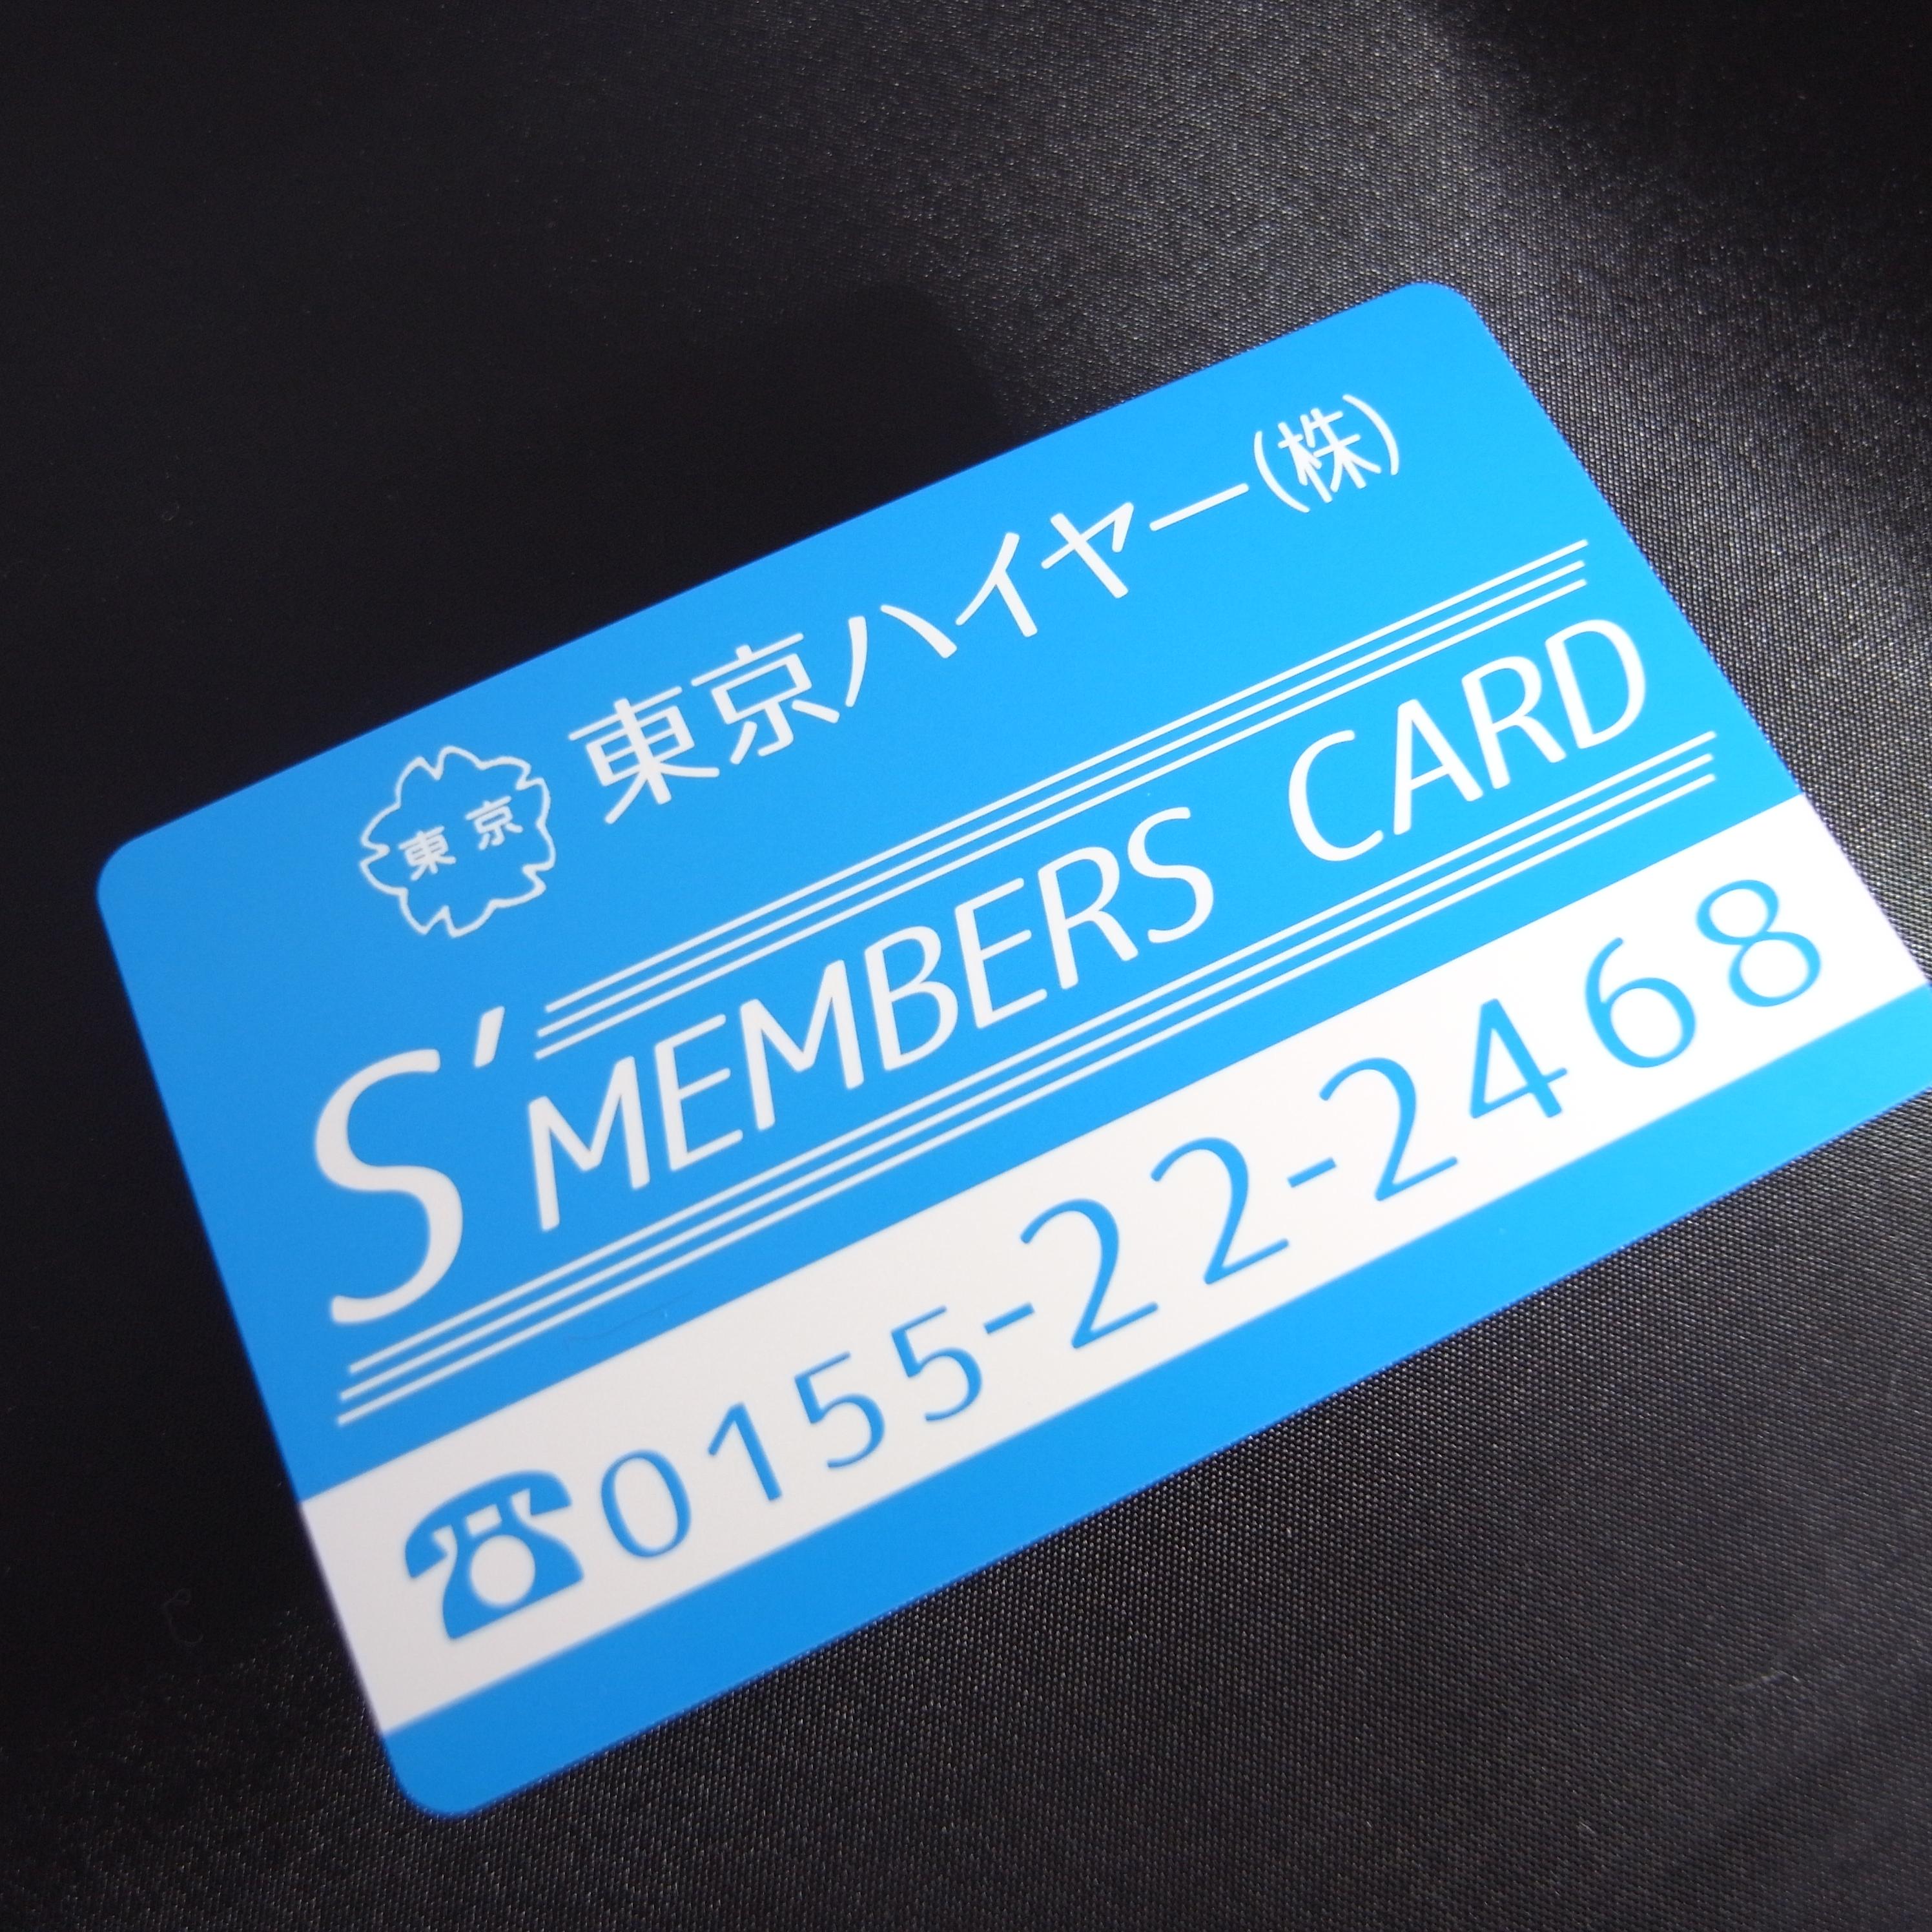 東京ハイヤー様メンバーズカード